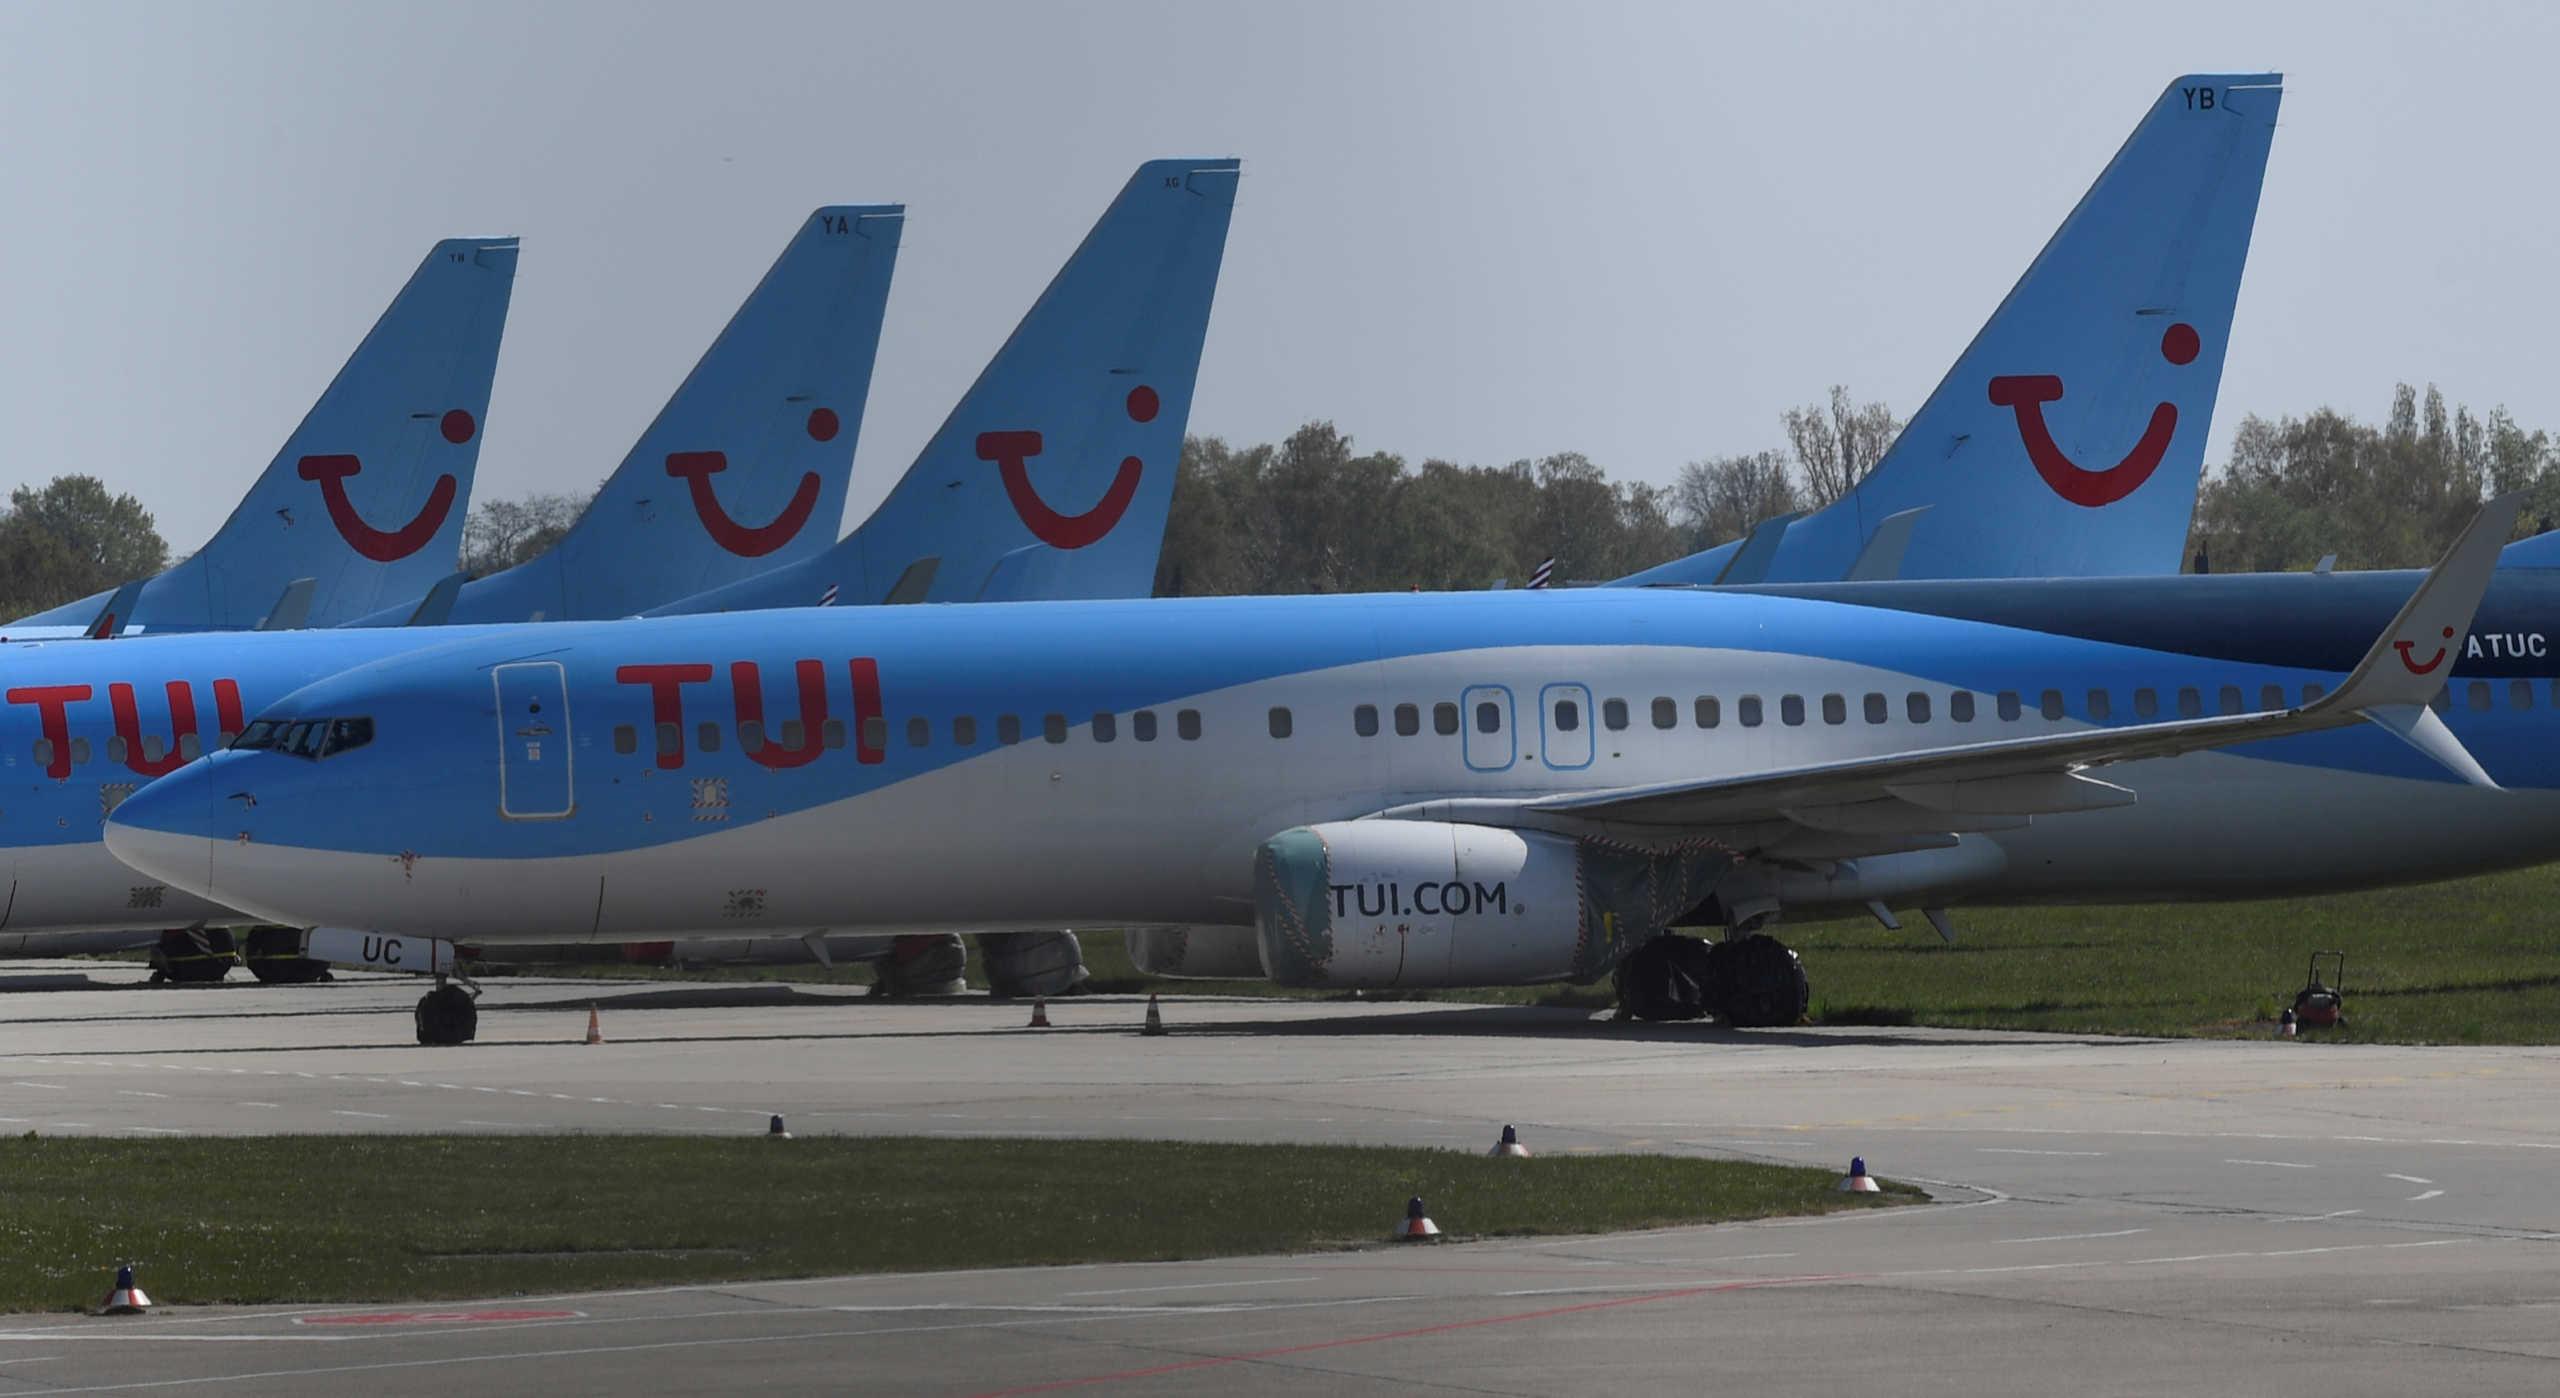 Συμφωνία TUI – υπουργείου Τουρισμού με στόχο την προσέλκυση τουριστών στην Ελλάδα